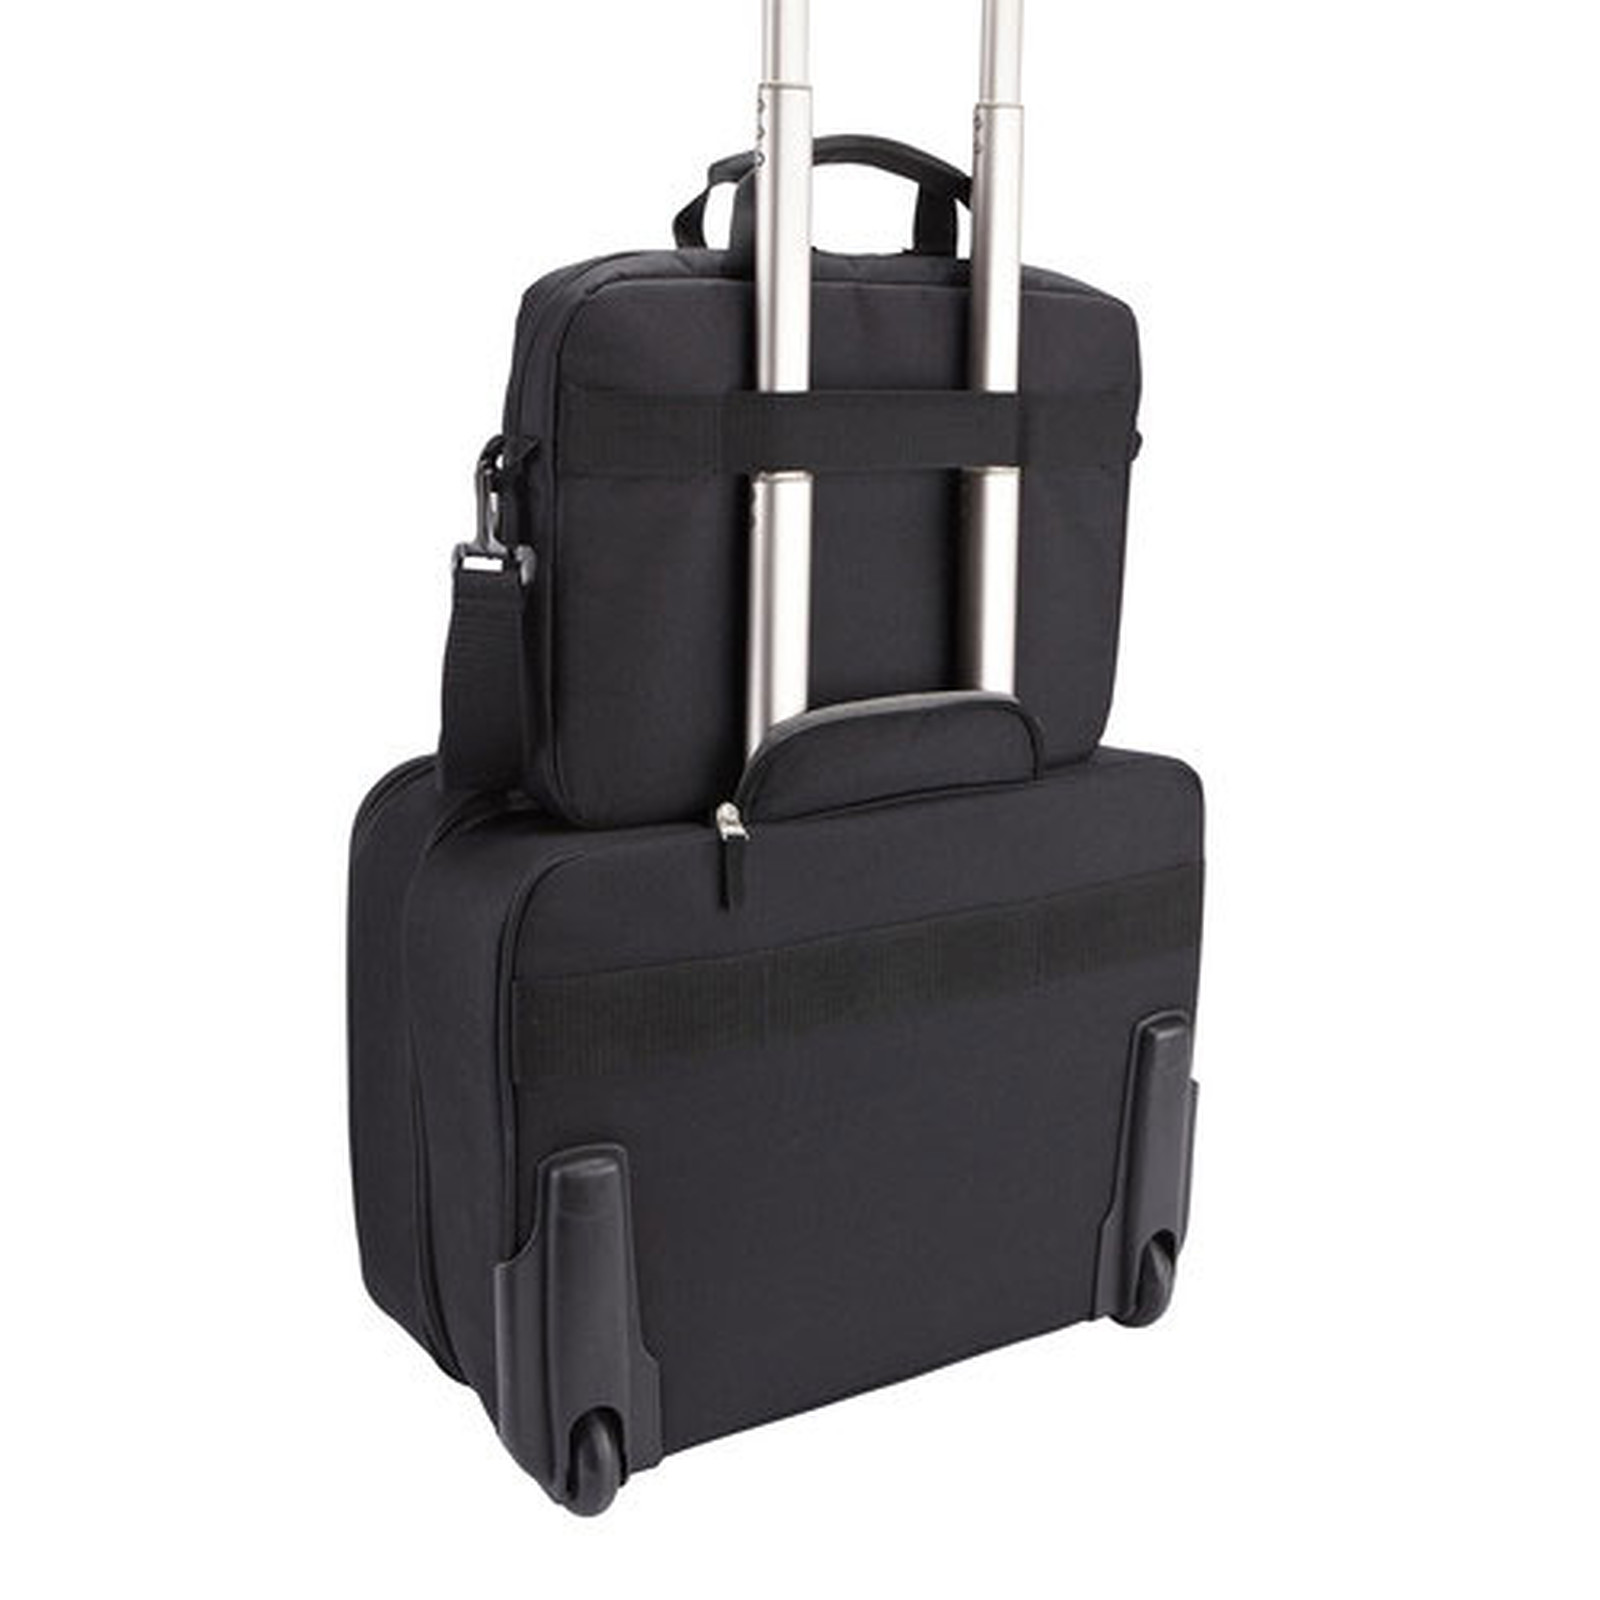 Sacoche pour ordinateur portable Case Logic AUA-314 Sacoche pour pc 14,1